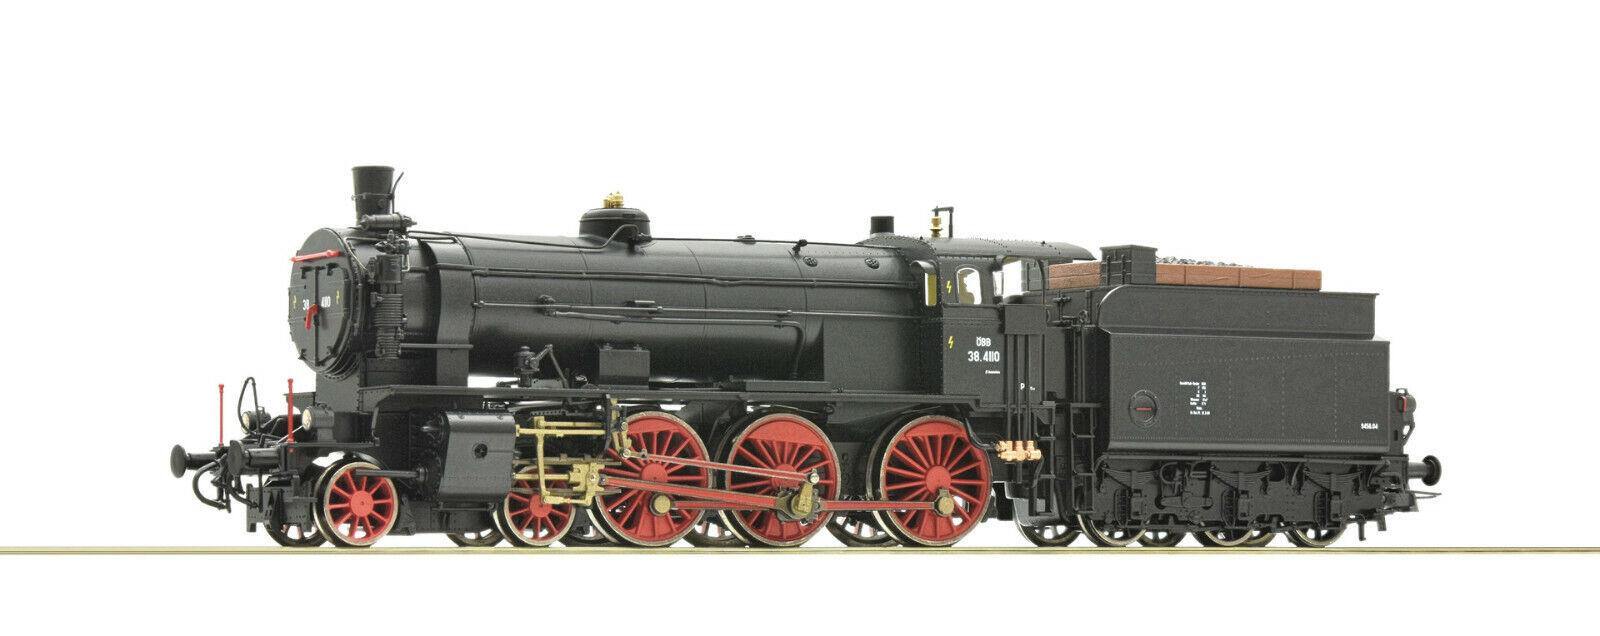 Roco 72125-vapor locomotora Rh 38, ÖBB, digital con sonido, LED beleucht, rara vez